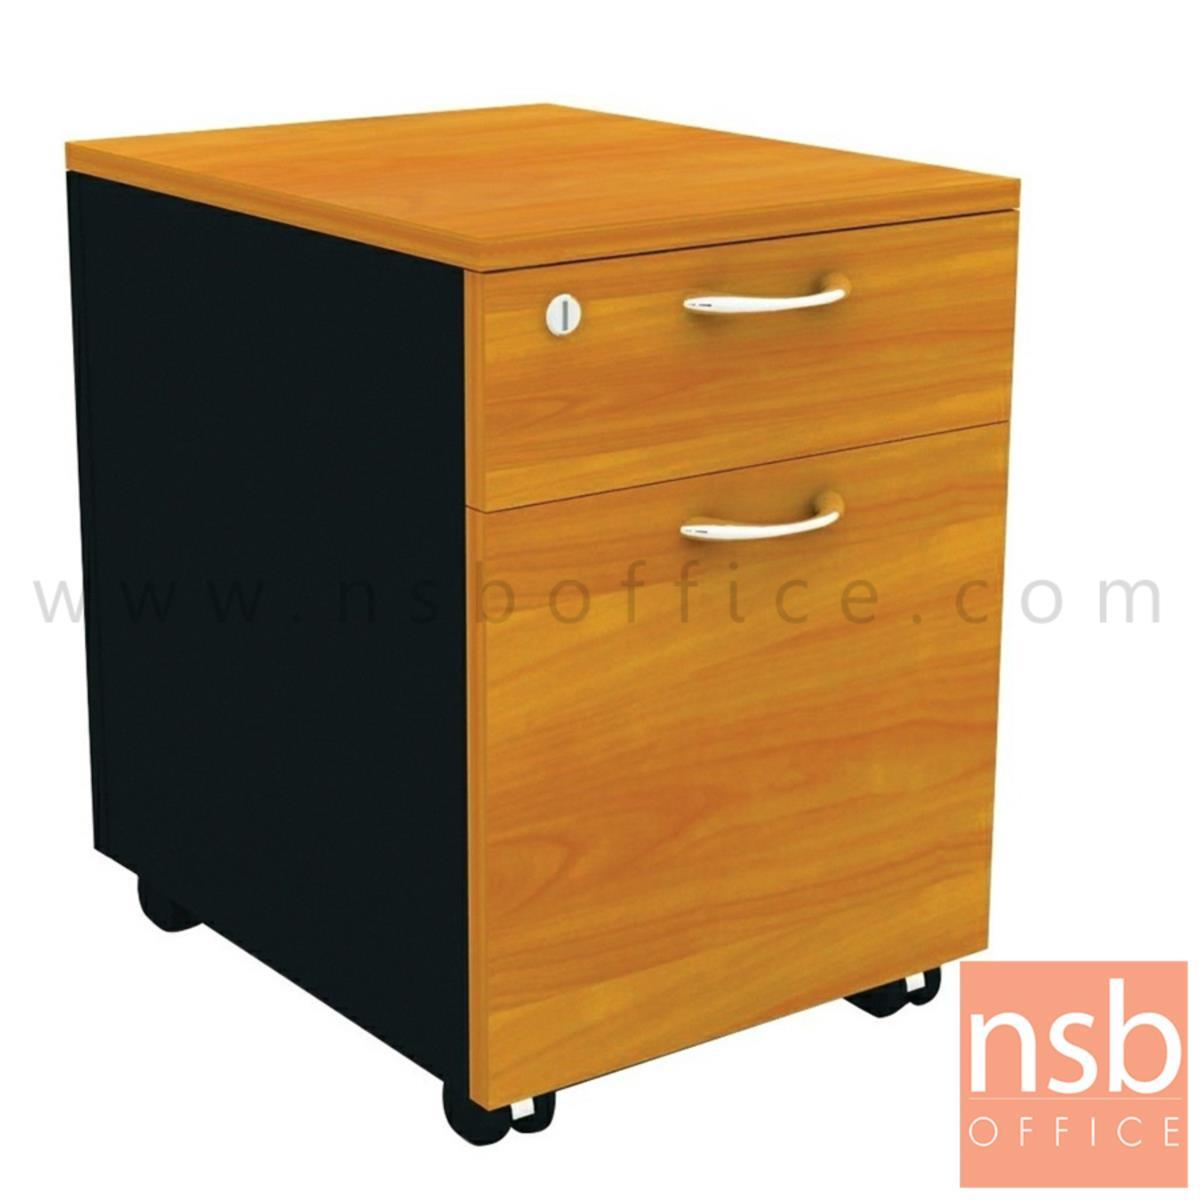 A16A015:ตู้ 2 ลิ้นชักล้อเลื่อน สูง 60 cm. สอดใต้โต๊ะได้ รุ่น Hertzler  เมลามีน